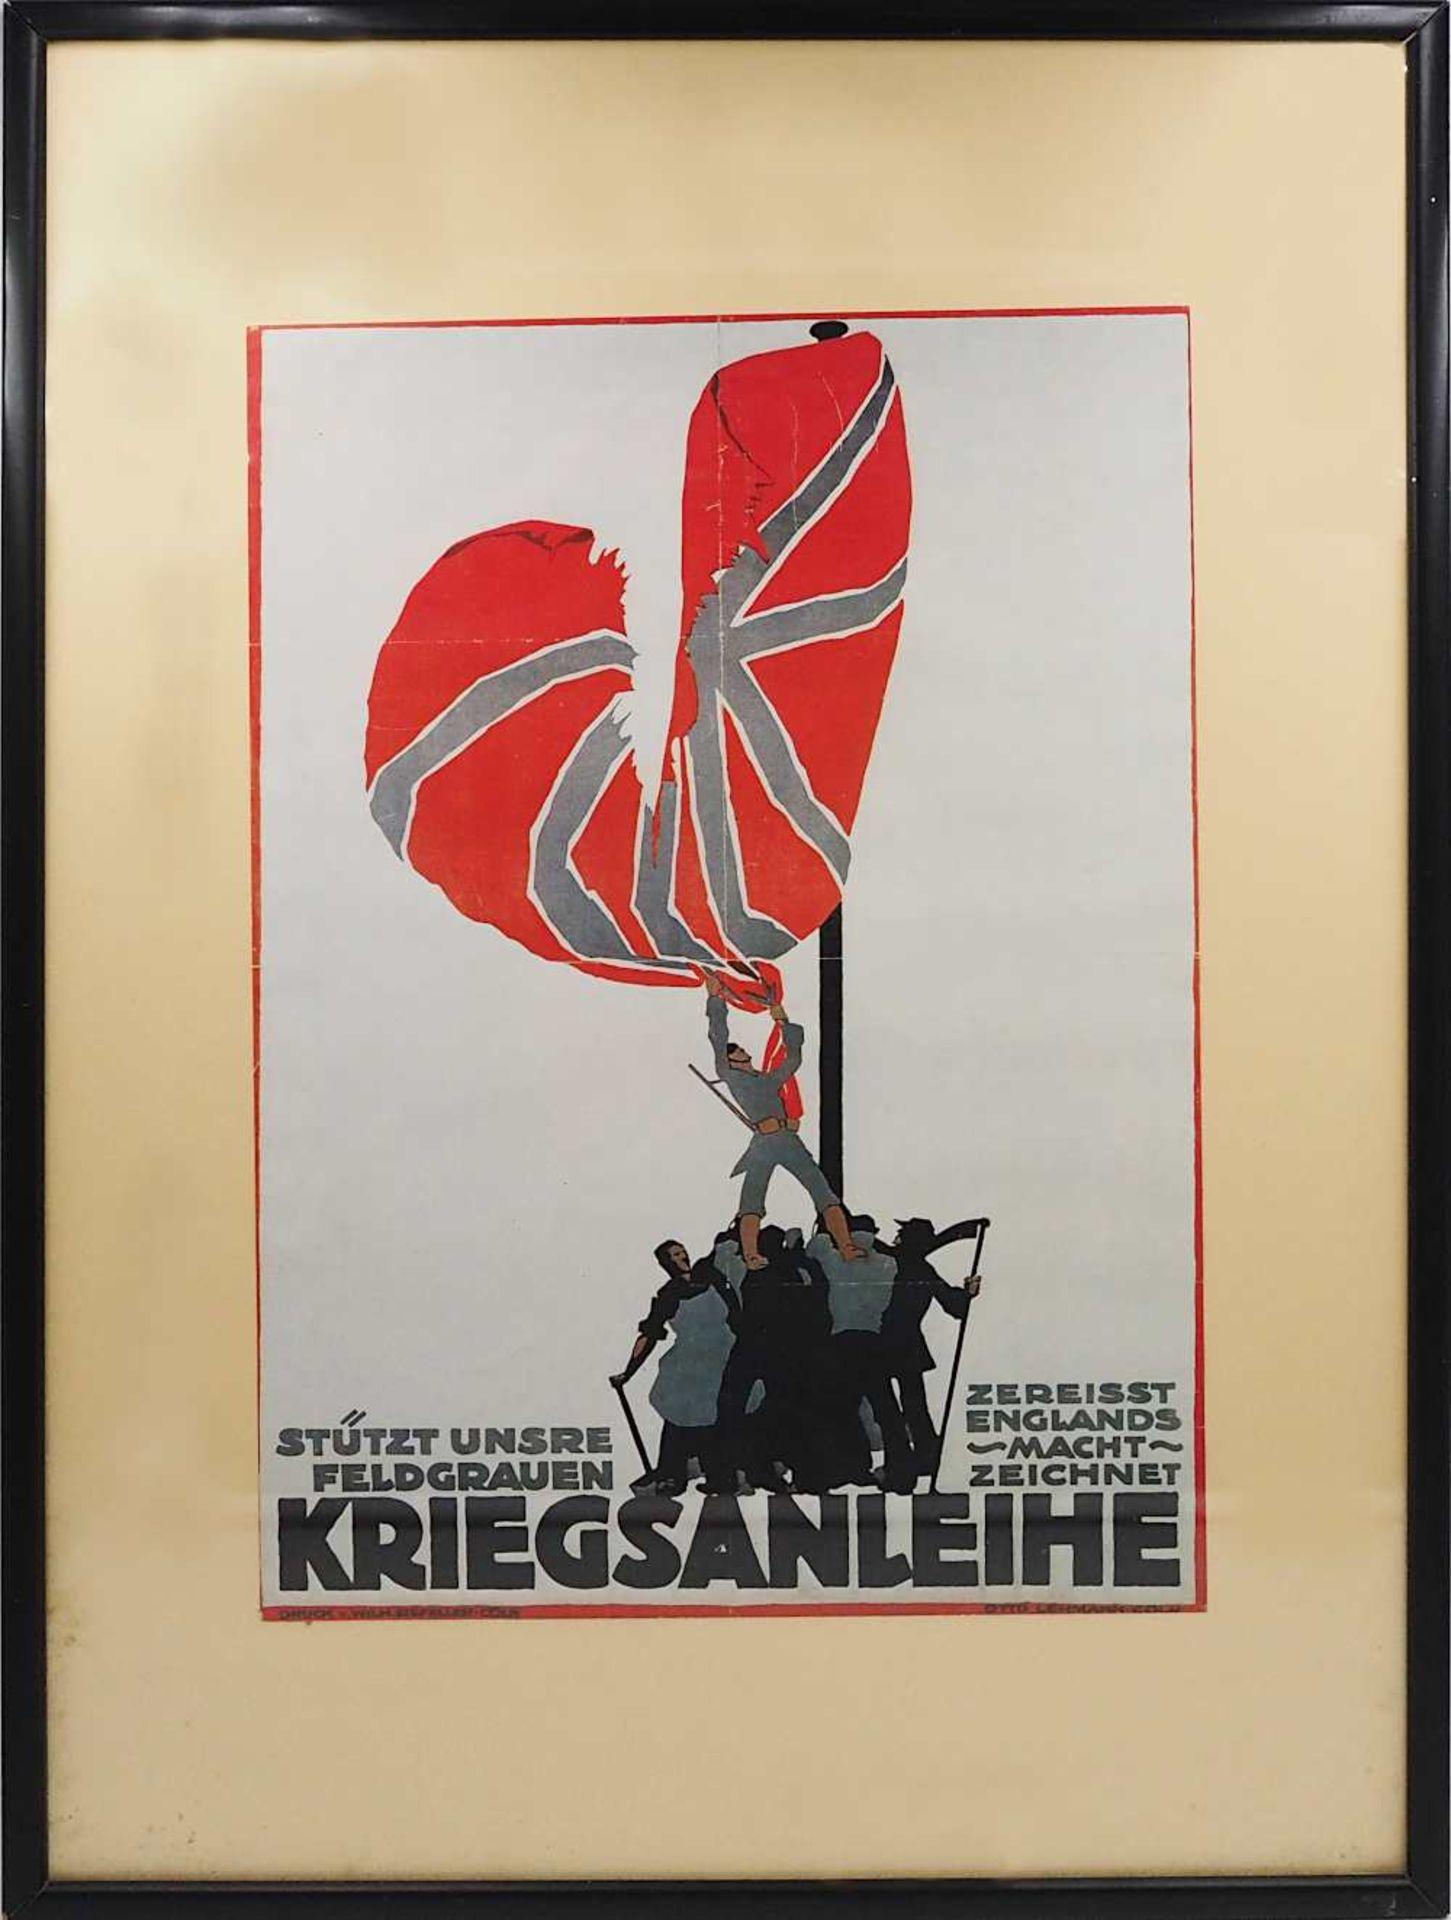 """1 Kopie der Lithographie """"Stützt unsere Feldgrauen/Zerreisst Englands Macht/Zeichnet Kriegsanle"""